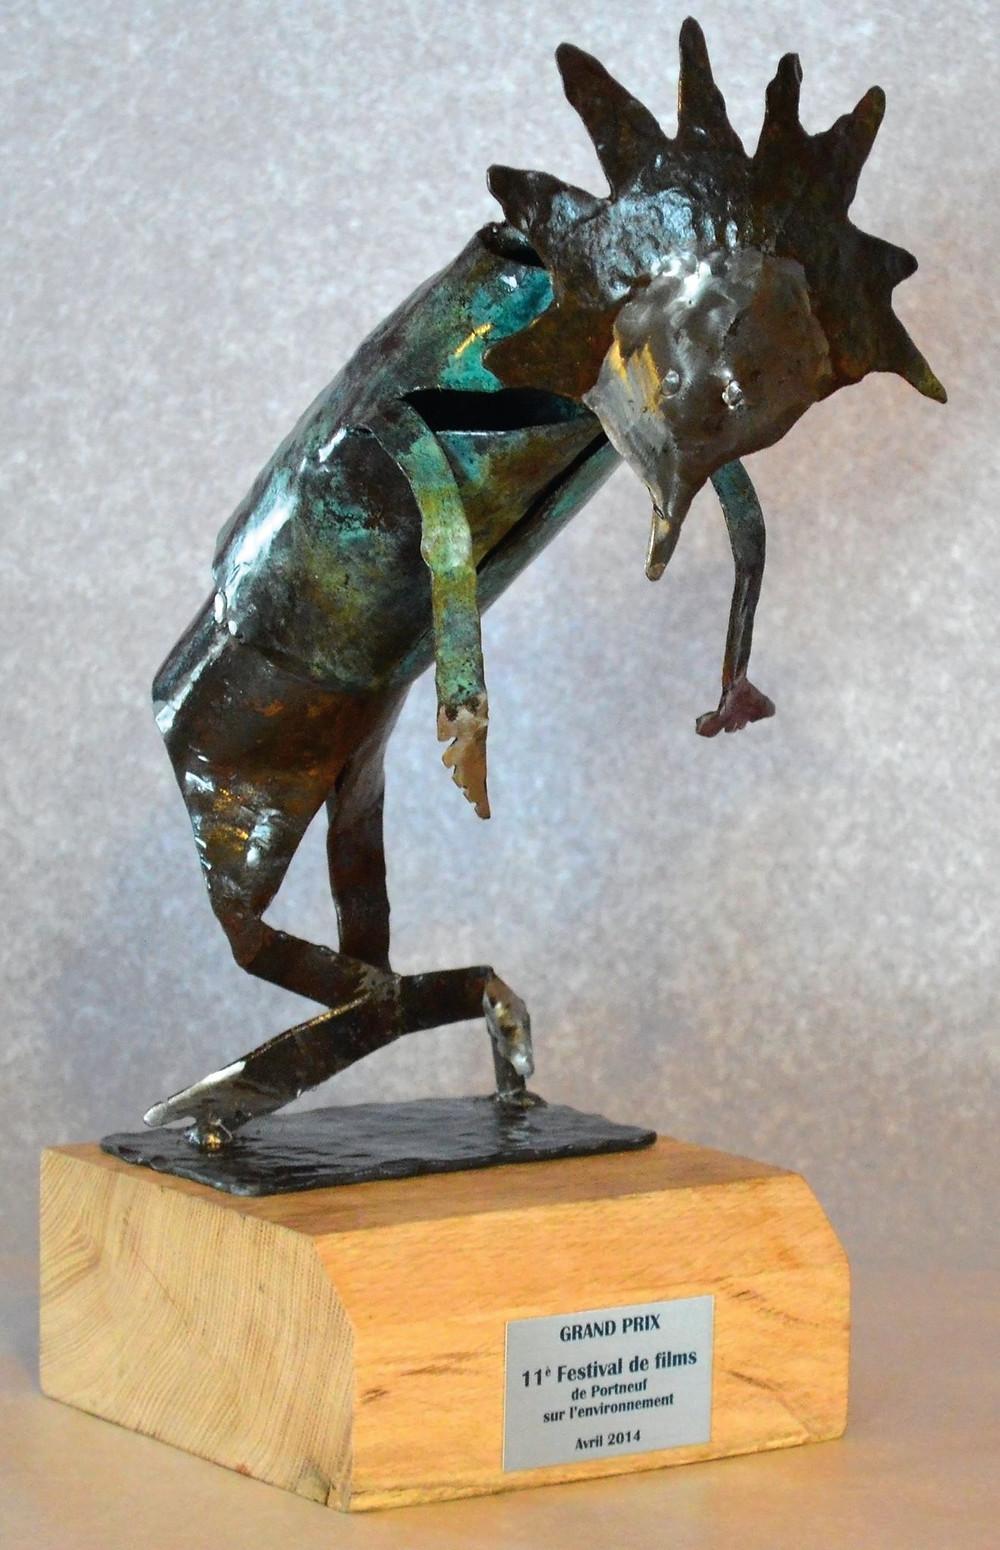 La statuette du 11è  FFPE a été fabriqué à partir de l'idée originale de Valentina Florez-Lopez,. Fabriquée d'acier chauffé sur feu de forge, martelée pour en découvrir ses formes, assemblée par soudures et rivets, colorée par oxydation et polis. Un verni est appliqué pour en conserver ses couleurs. La base est fabriquée à partir d'un vieux madrier de chêne recyclé et d'huile de lin. Le nom du gagnant est gravé le jour du vote final par pyrogravure. La statuette est signée Ferboi.